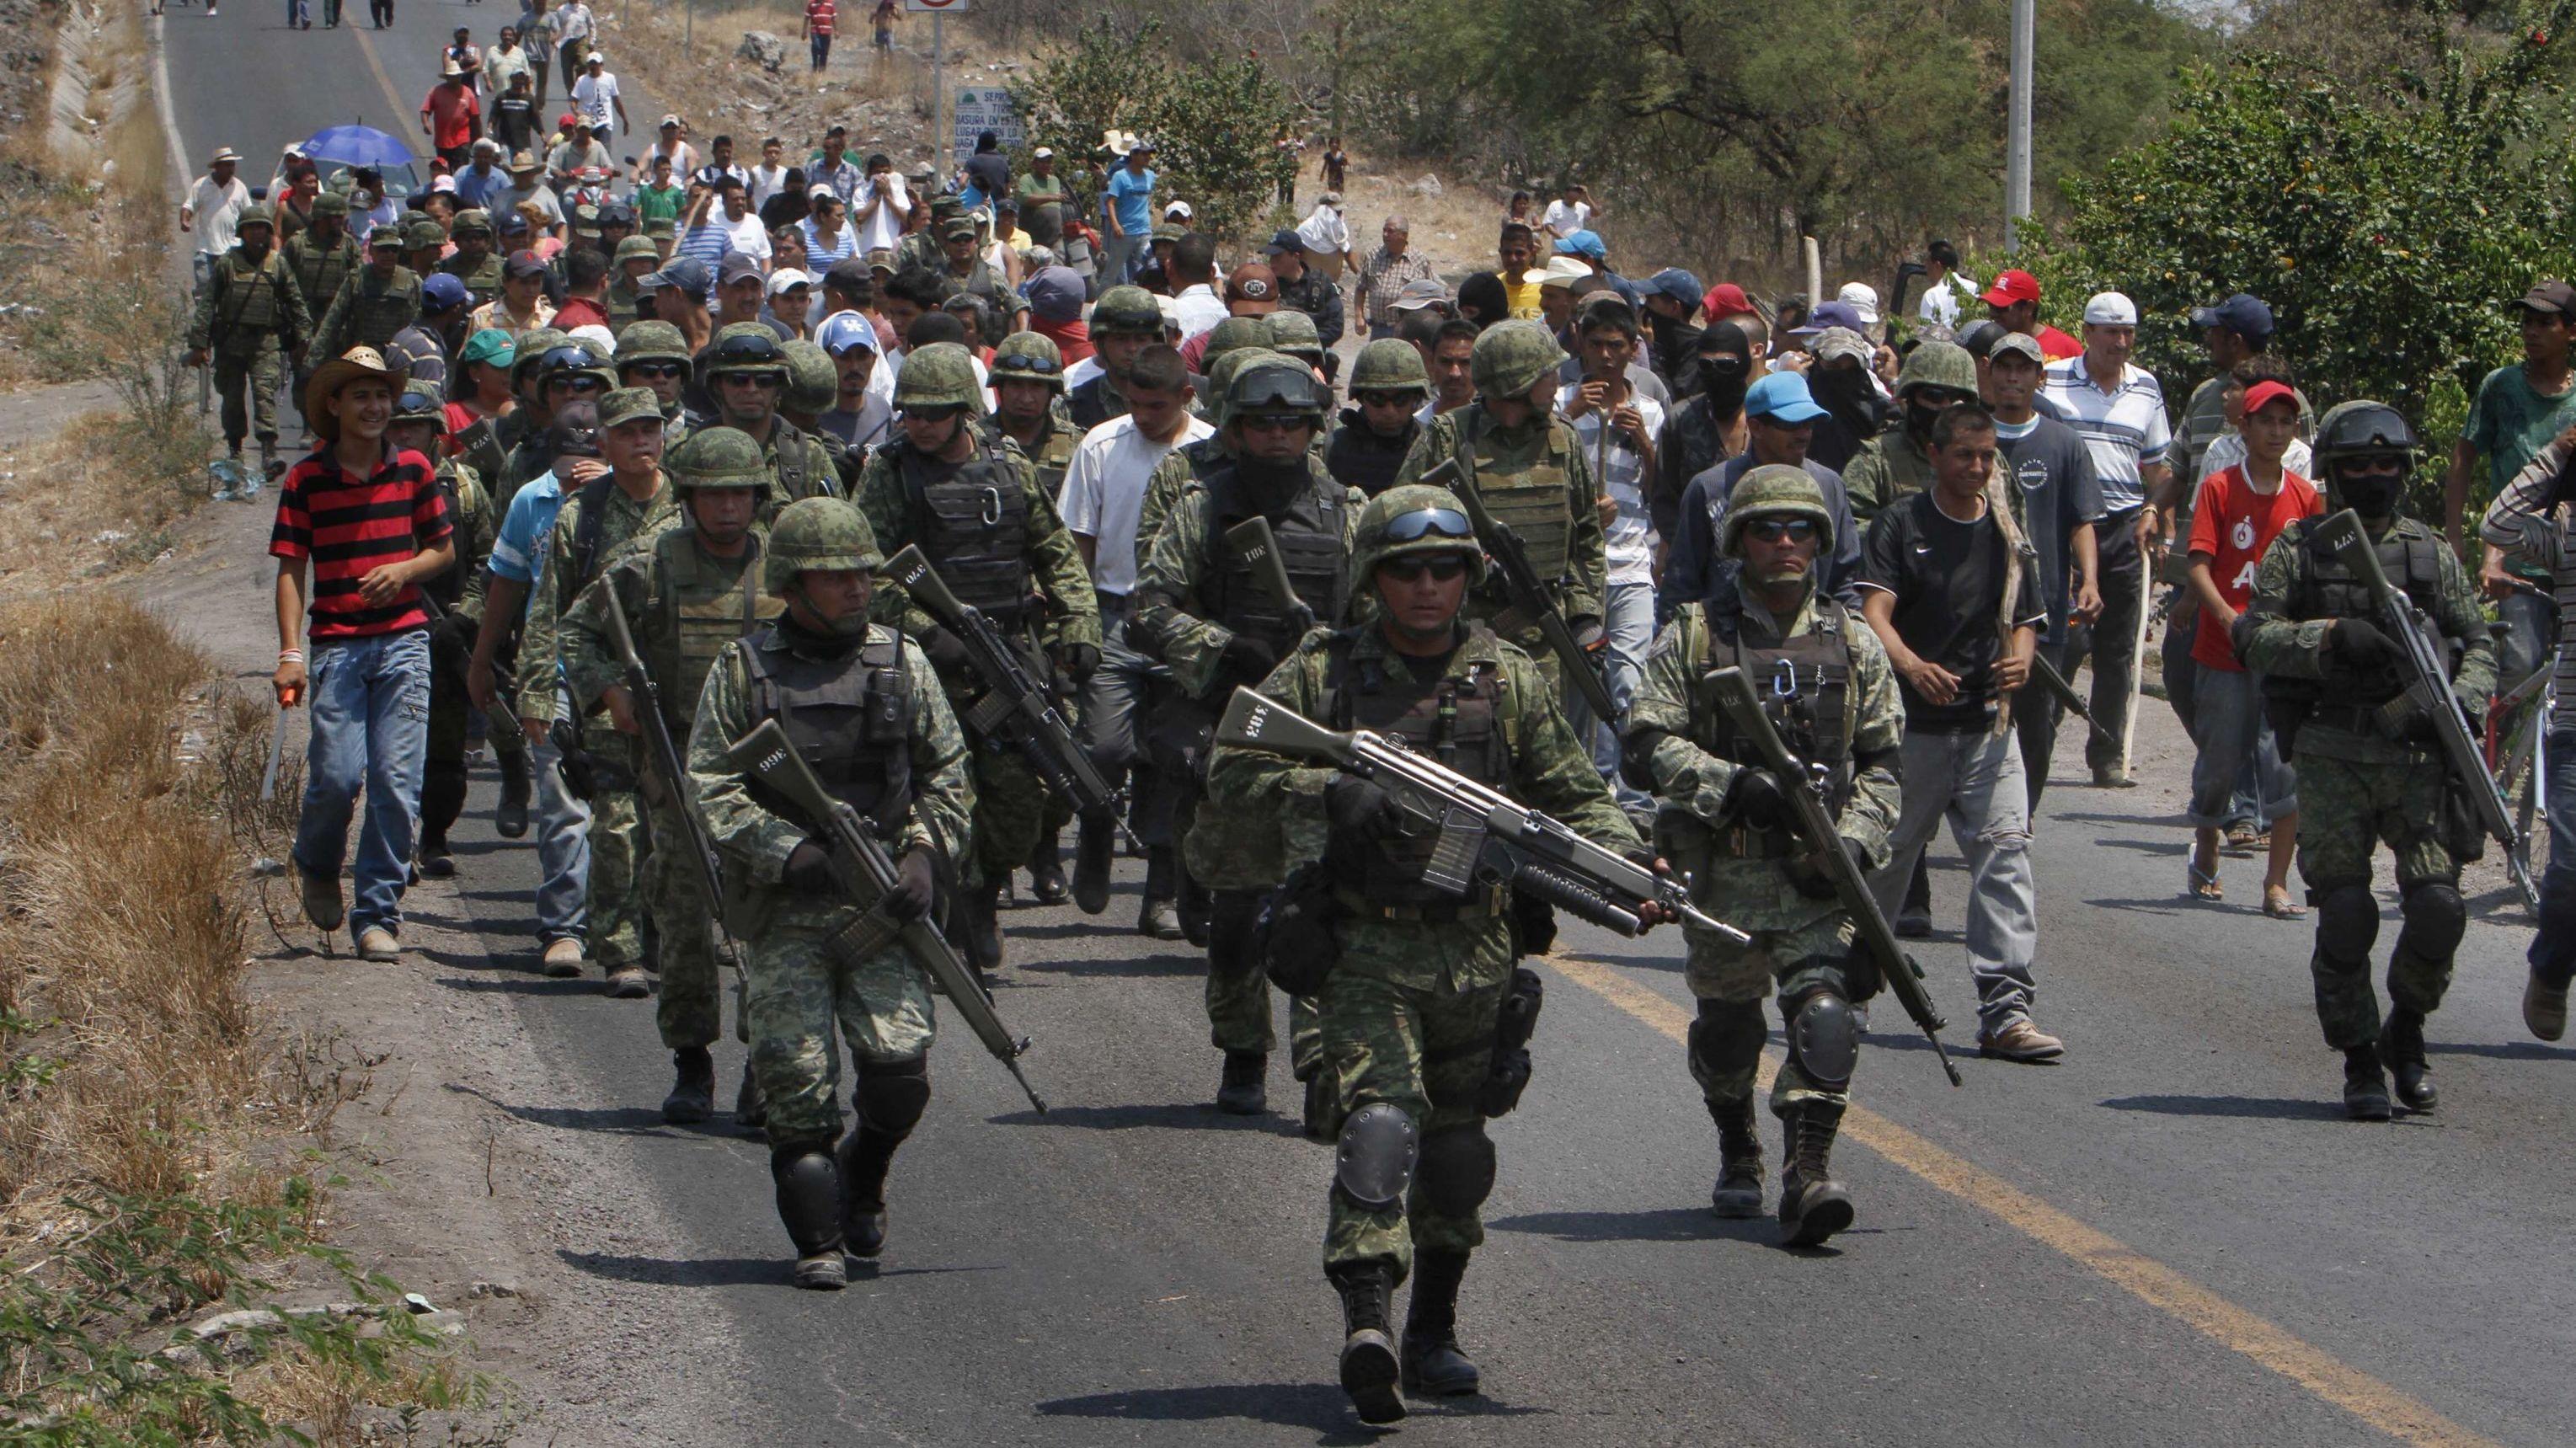 Soldados mexicanos son escoltados por autodefensas de la ciudad de Buenavista que hacen resistencia a los grupos criminales locales